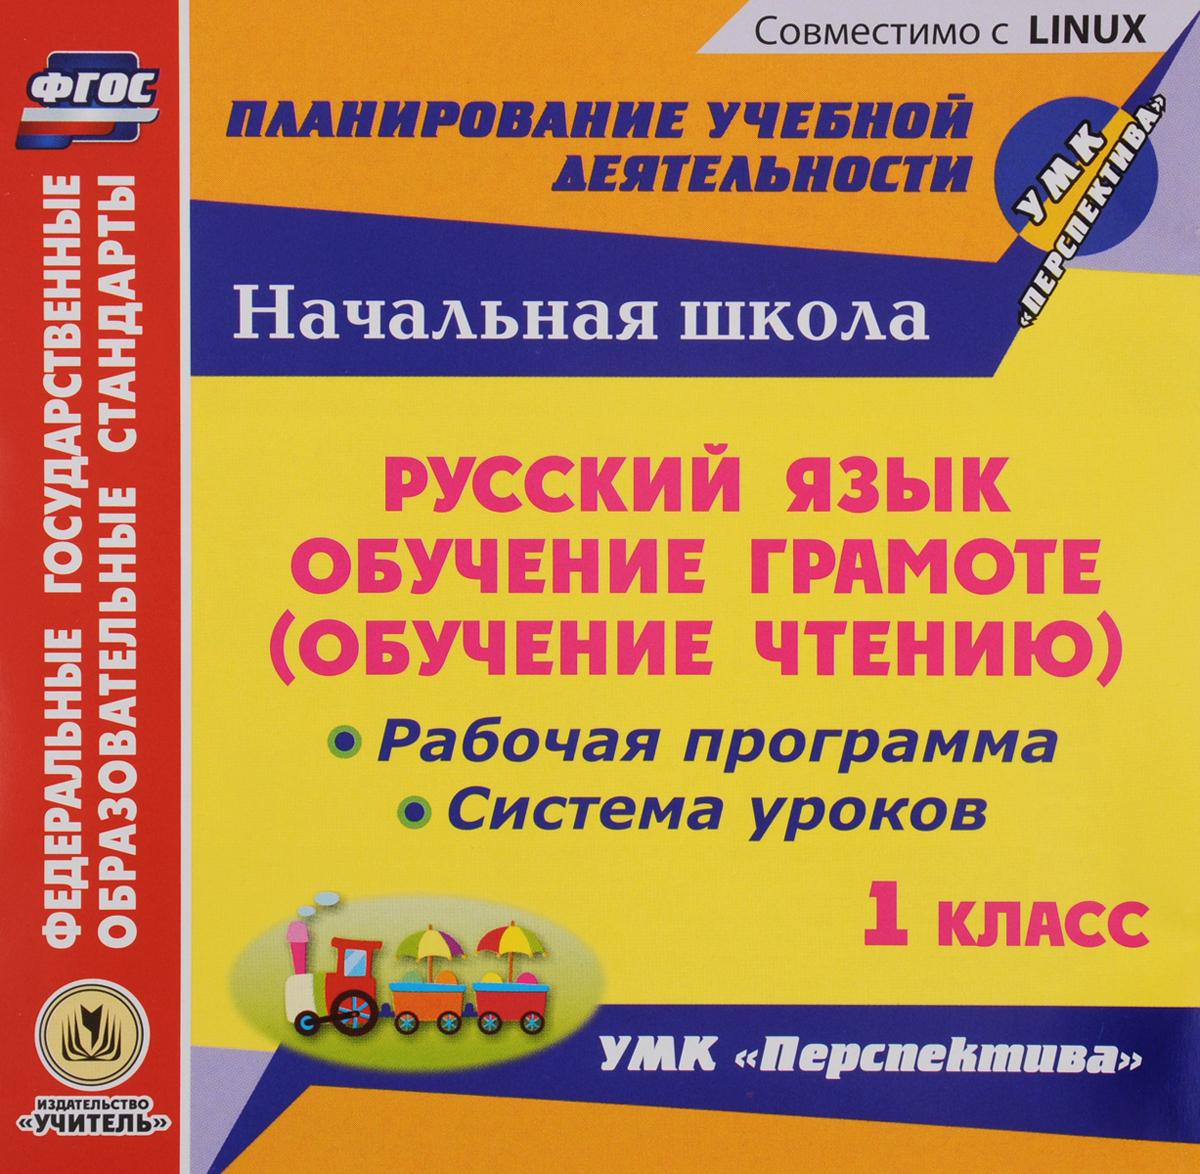 Русский язык: обучение грамоте (обучение чтению). 1 класс. Рабочая программа и система уроков по УМК